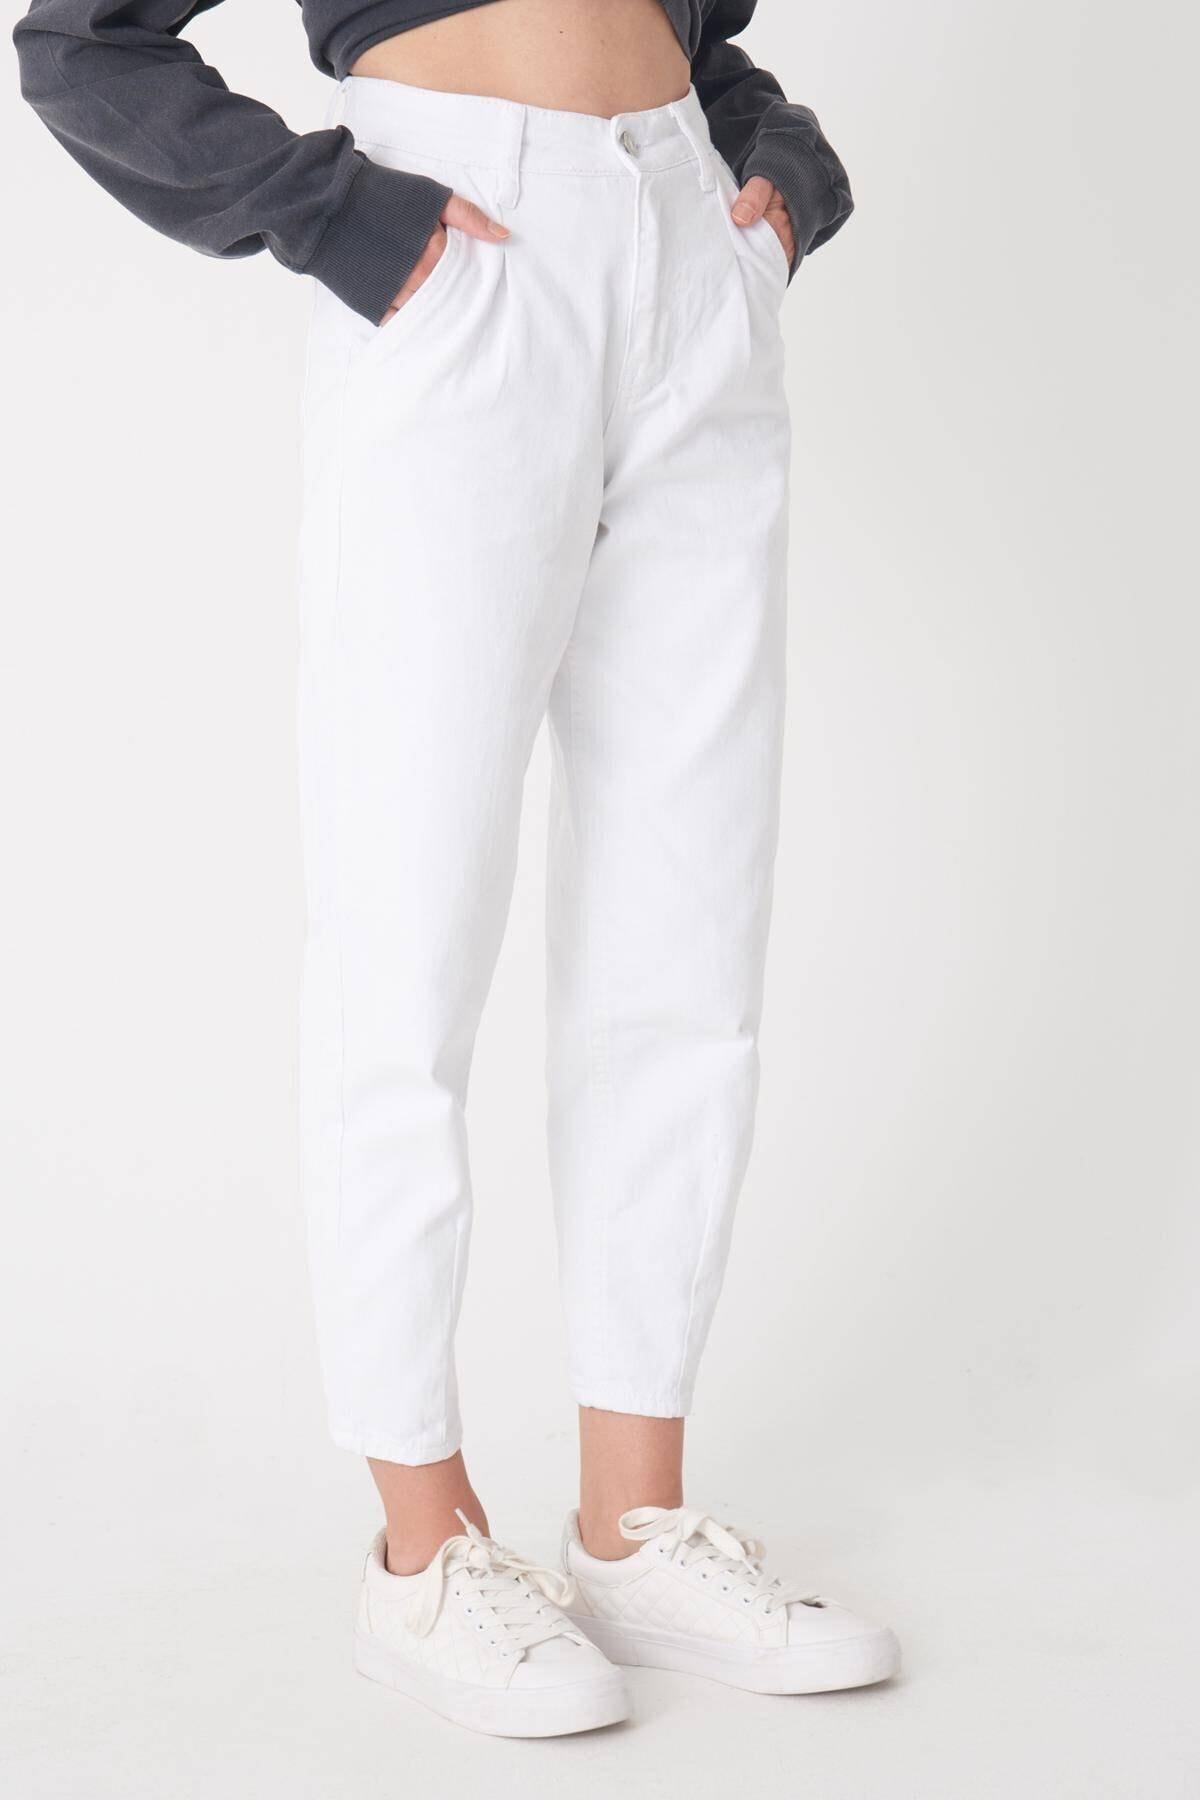 Addax Kadın Beyaz Cep Detaylı Pantolon Pn6895 - Pnh Adx-0000023130 1